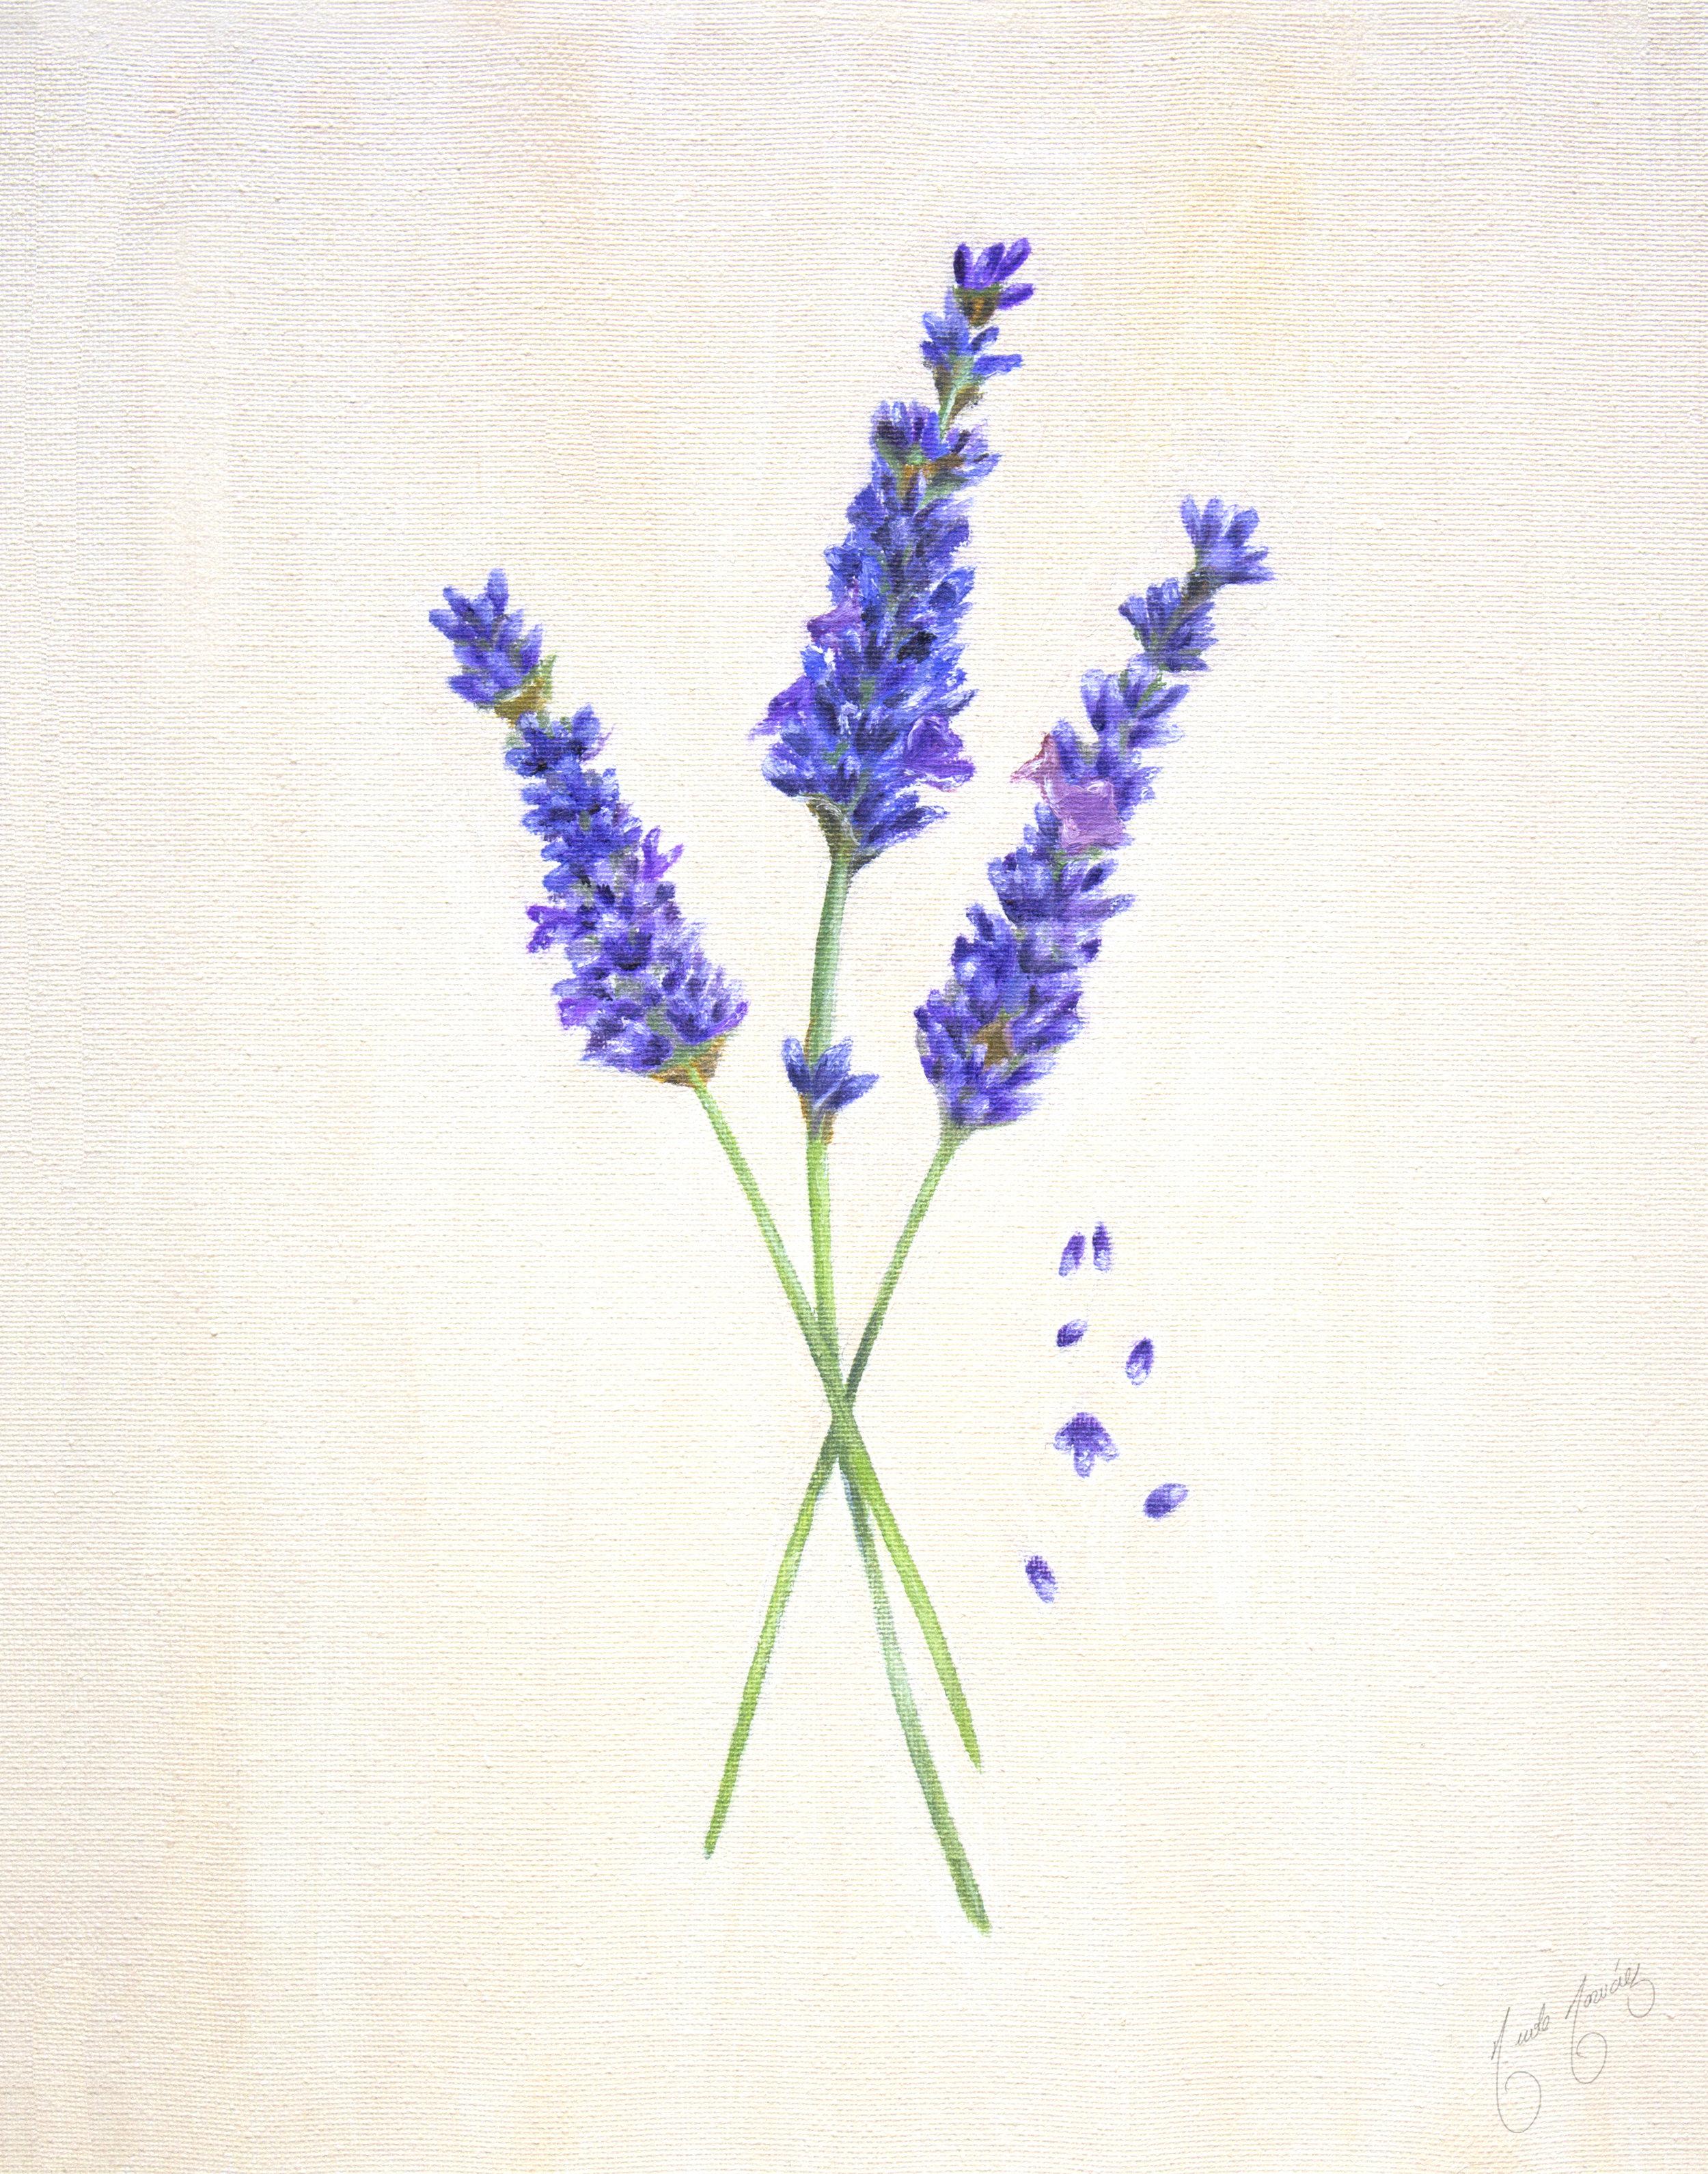 LavenderPrintHiRes+(1).jpg